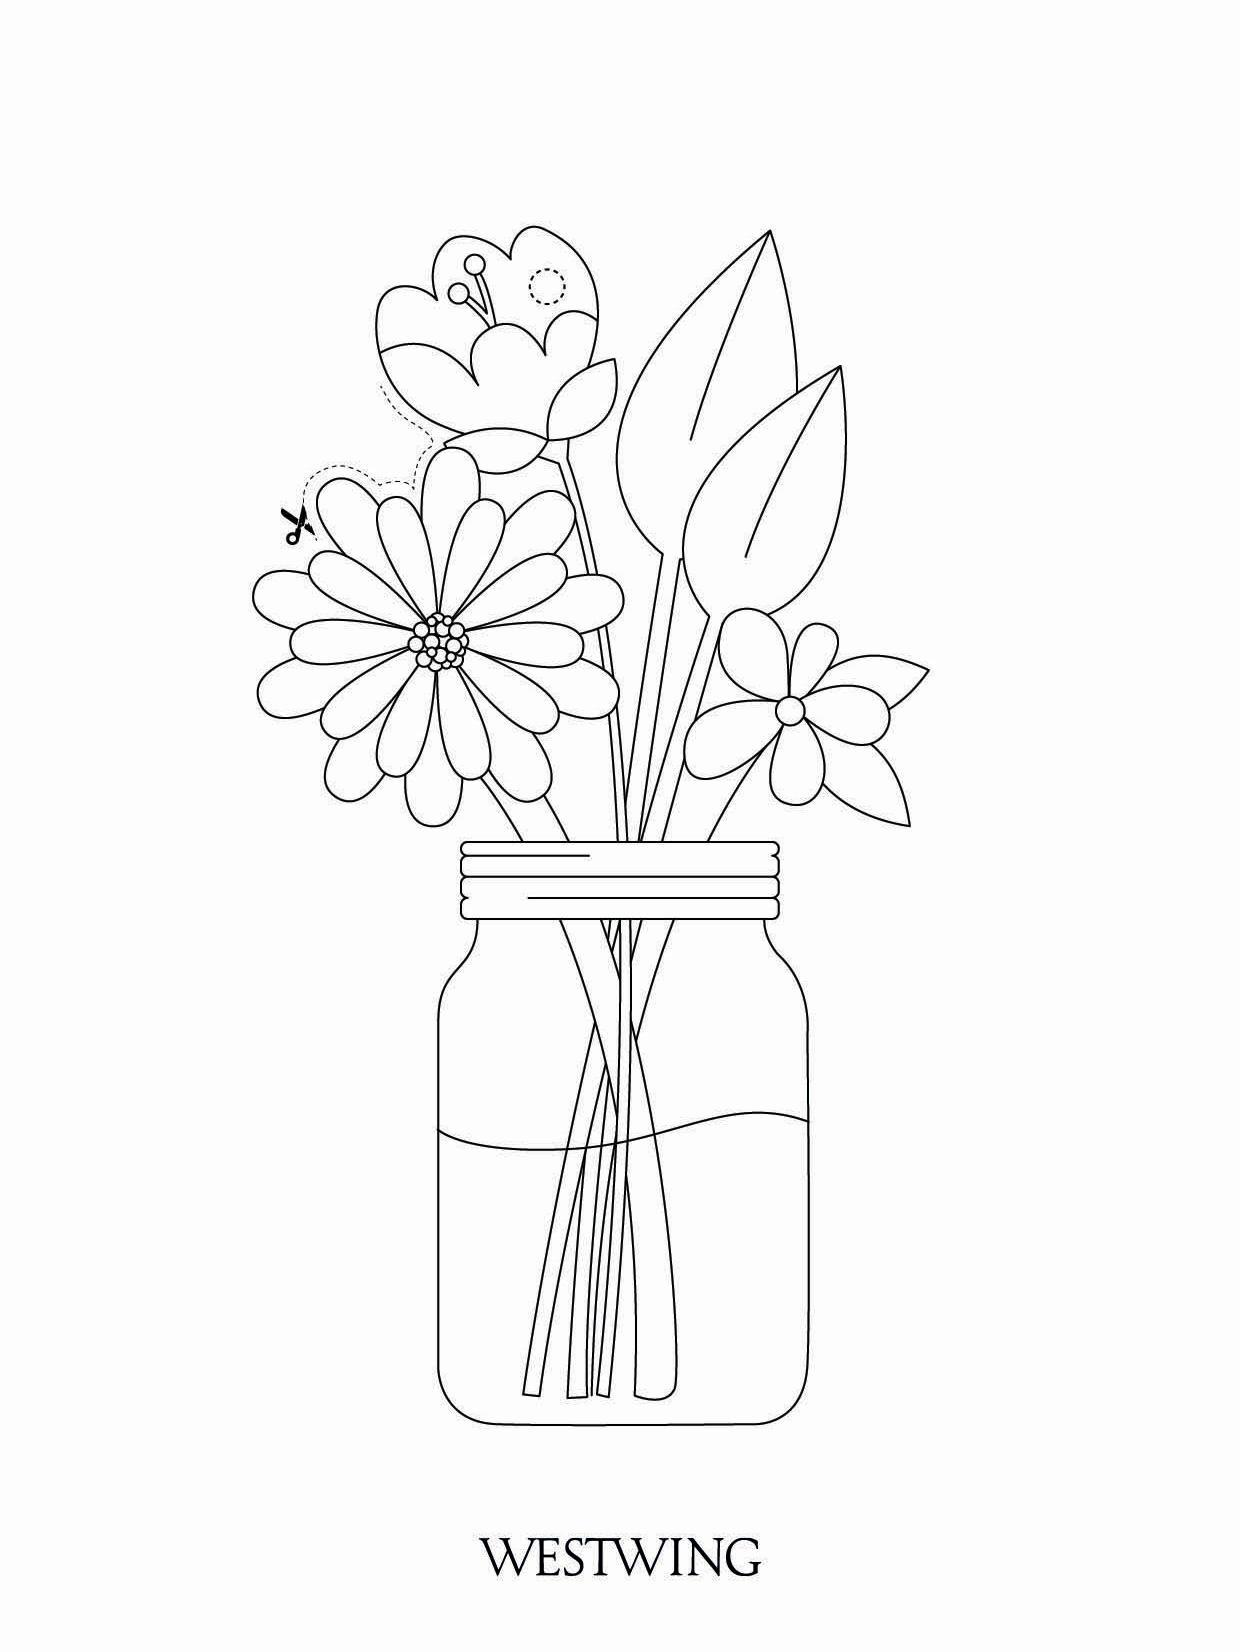 kolorowanka do wydrukowania z kwiatami w wazonie DIY dla dzieci